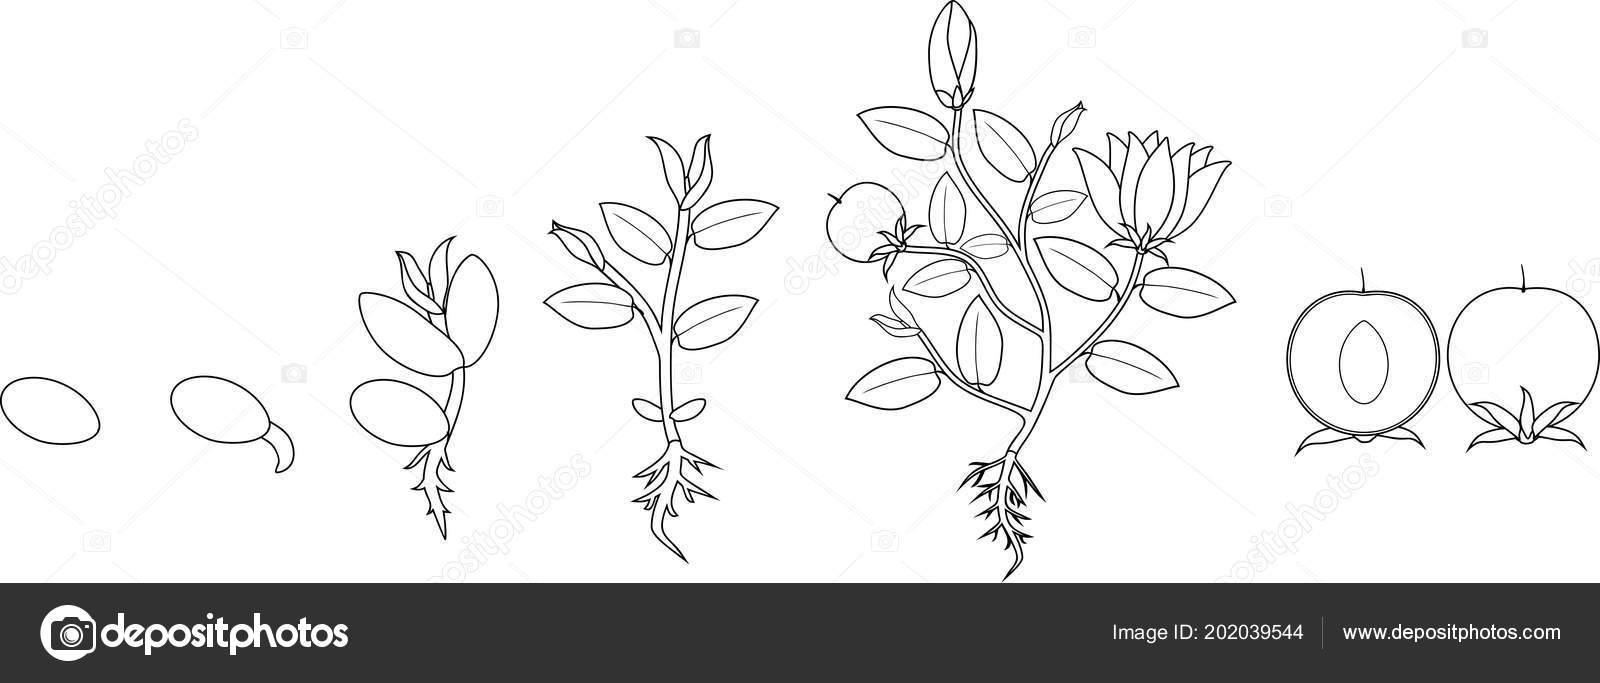 Página Para Colorear Etapas Crecimiento Planta Desde Semilla